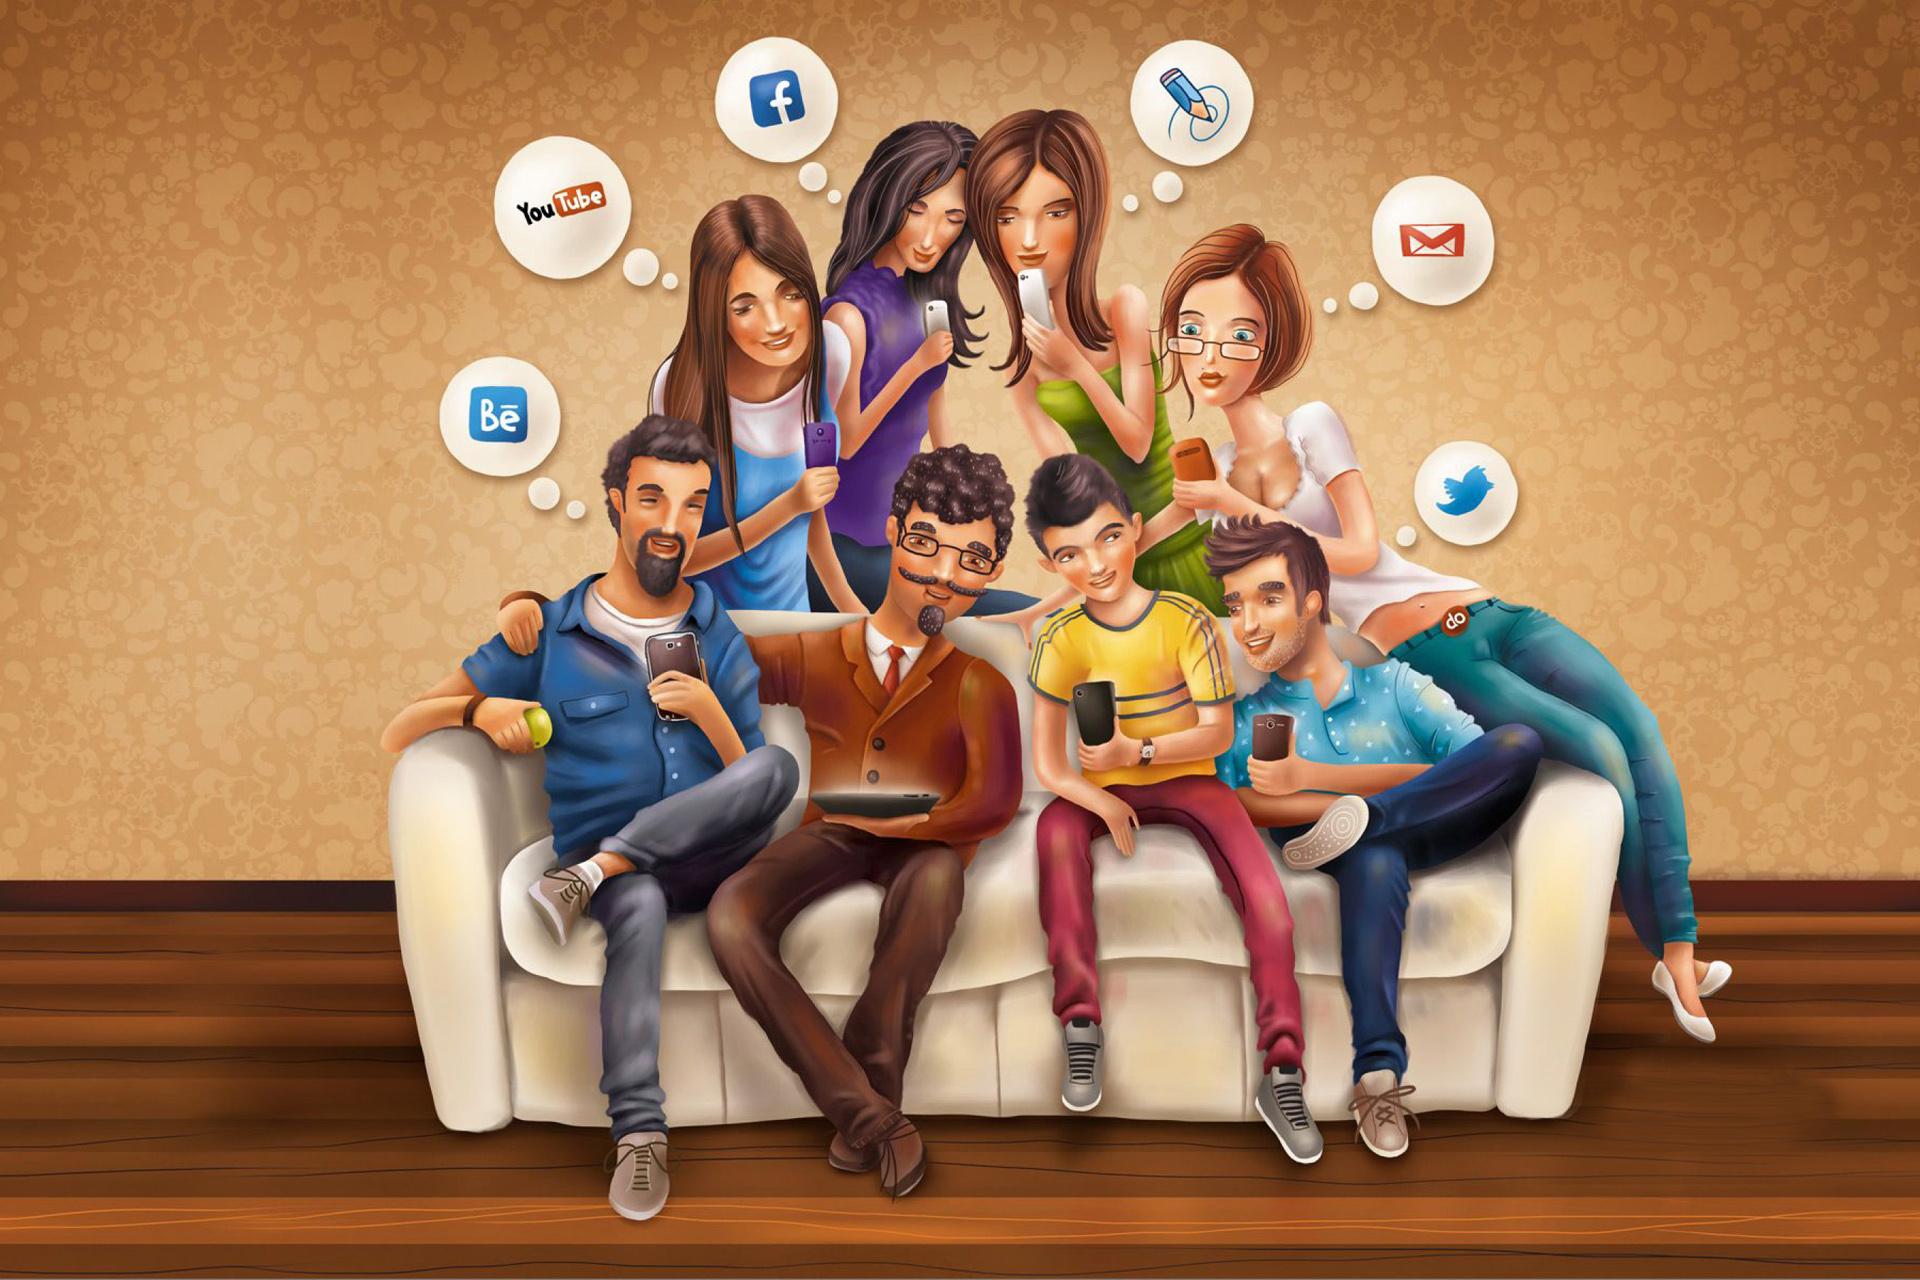 «Билайн» изучил поведение своих абонентов в социальных сетях